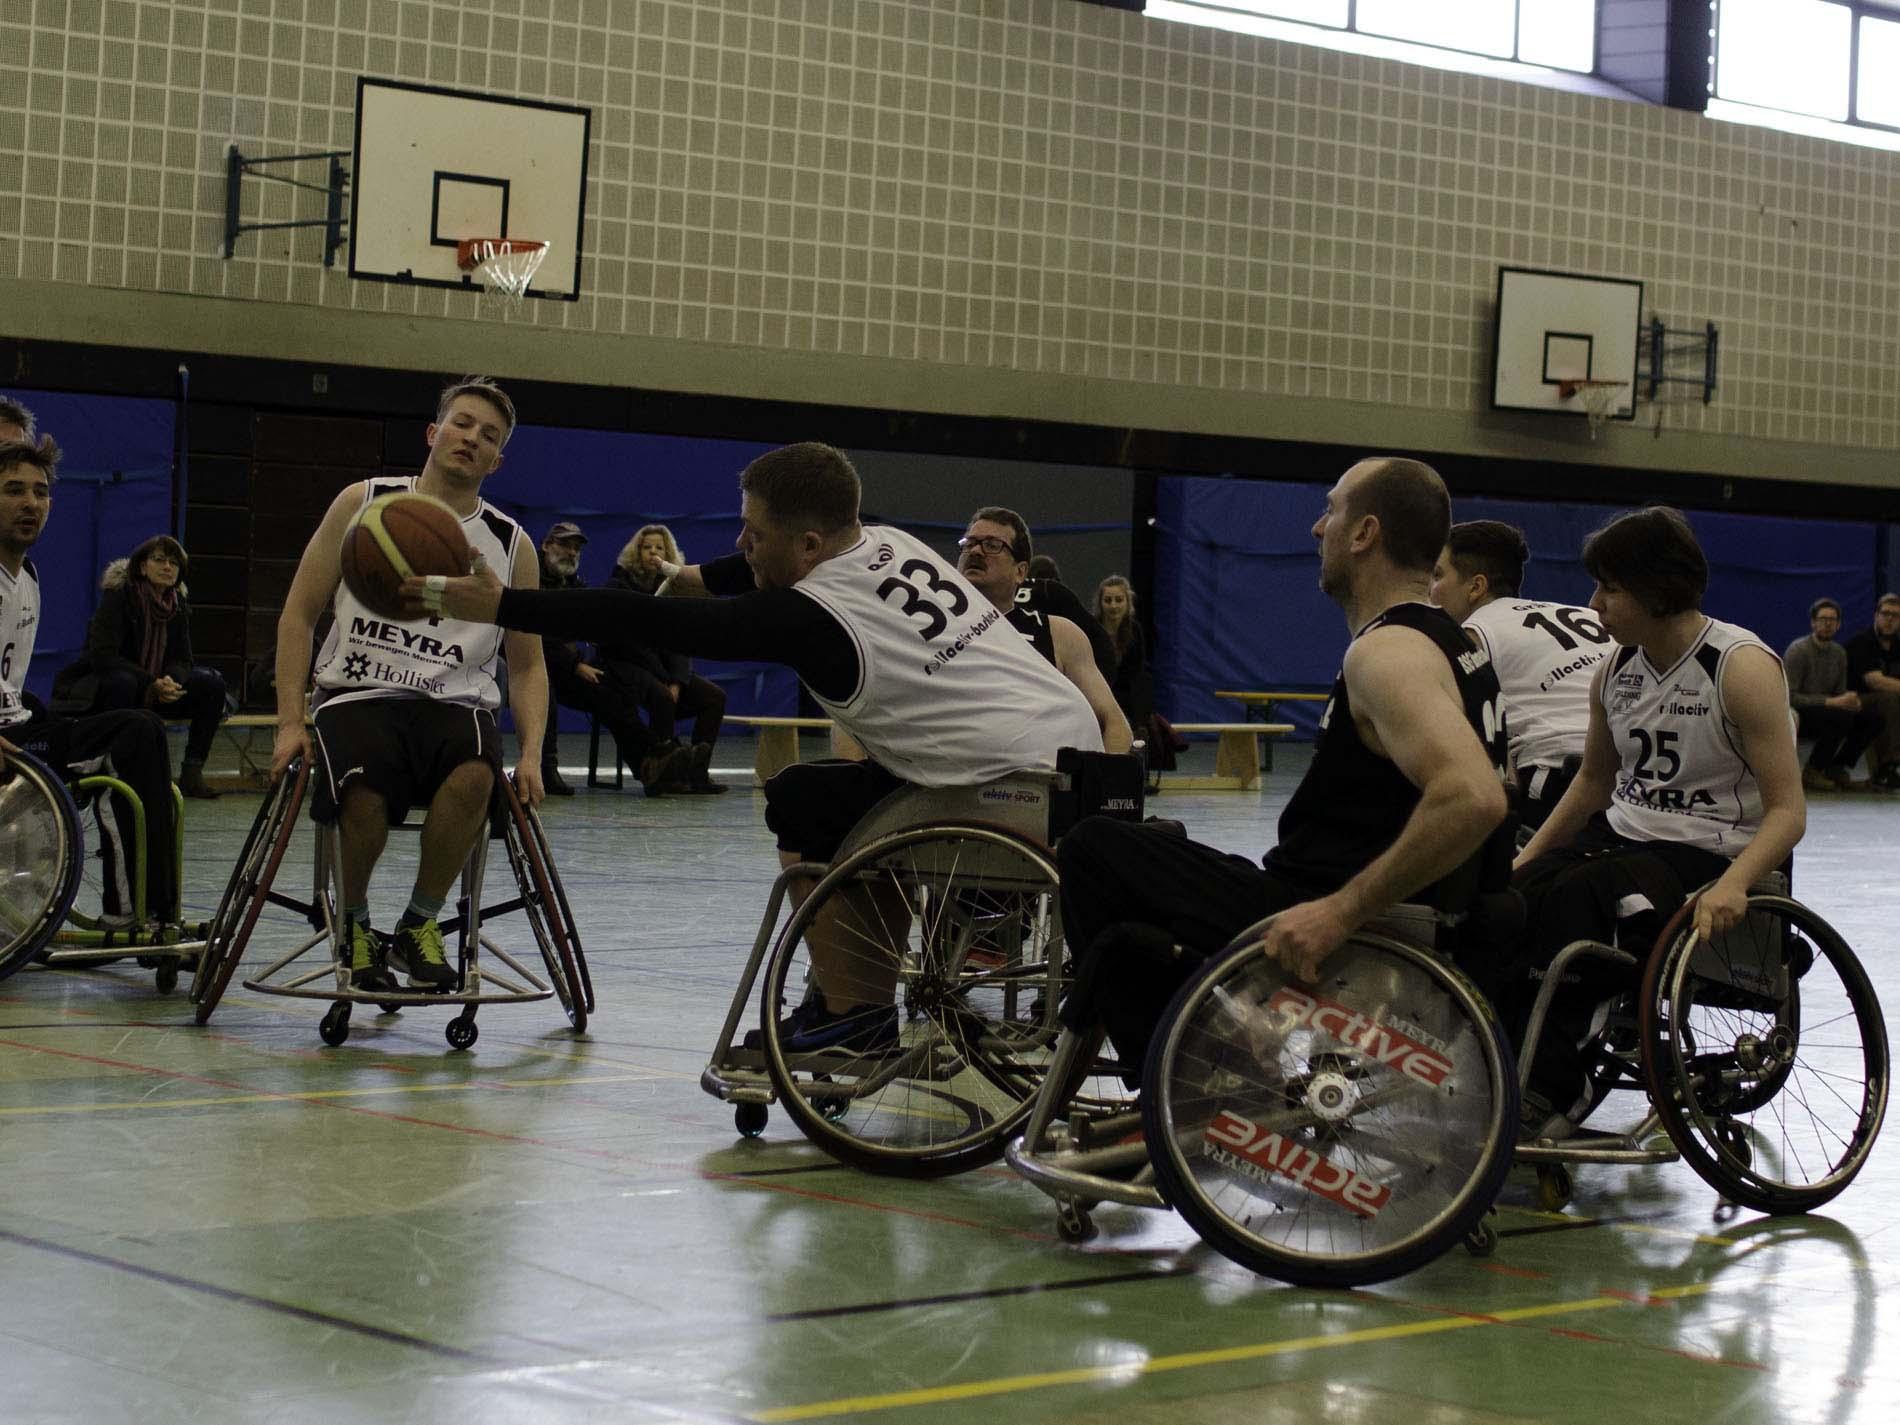 2016-12-10_heimspiel-baskets2_008